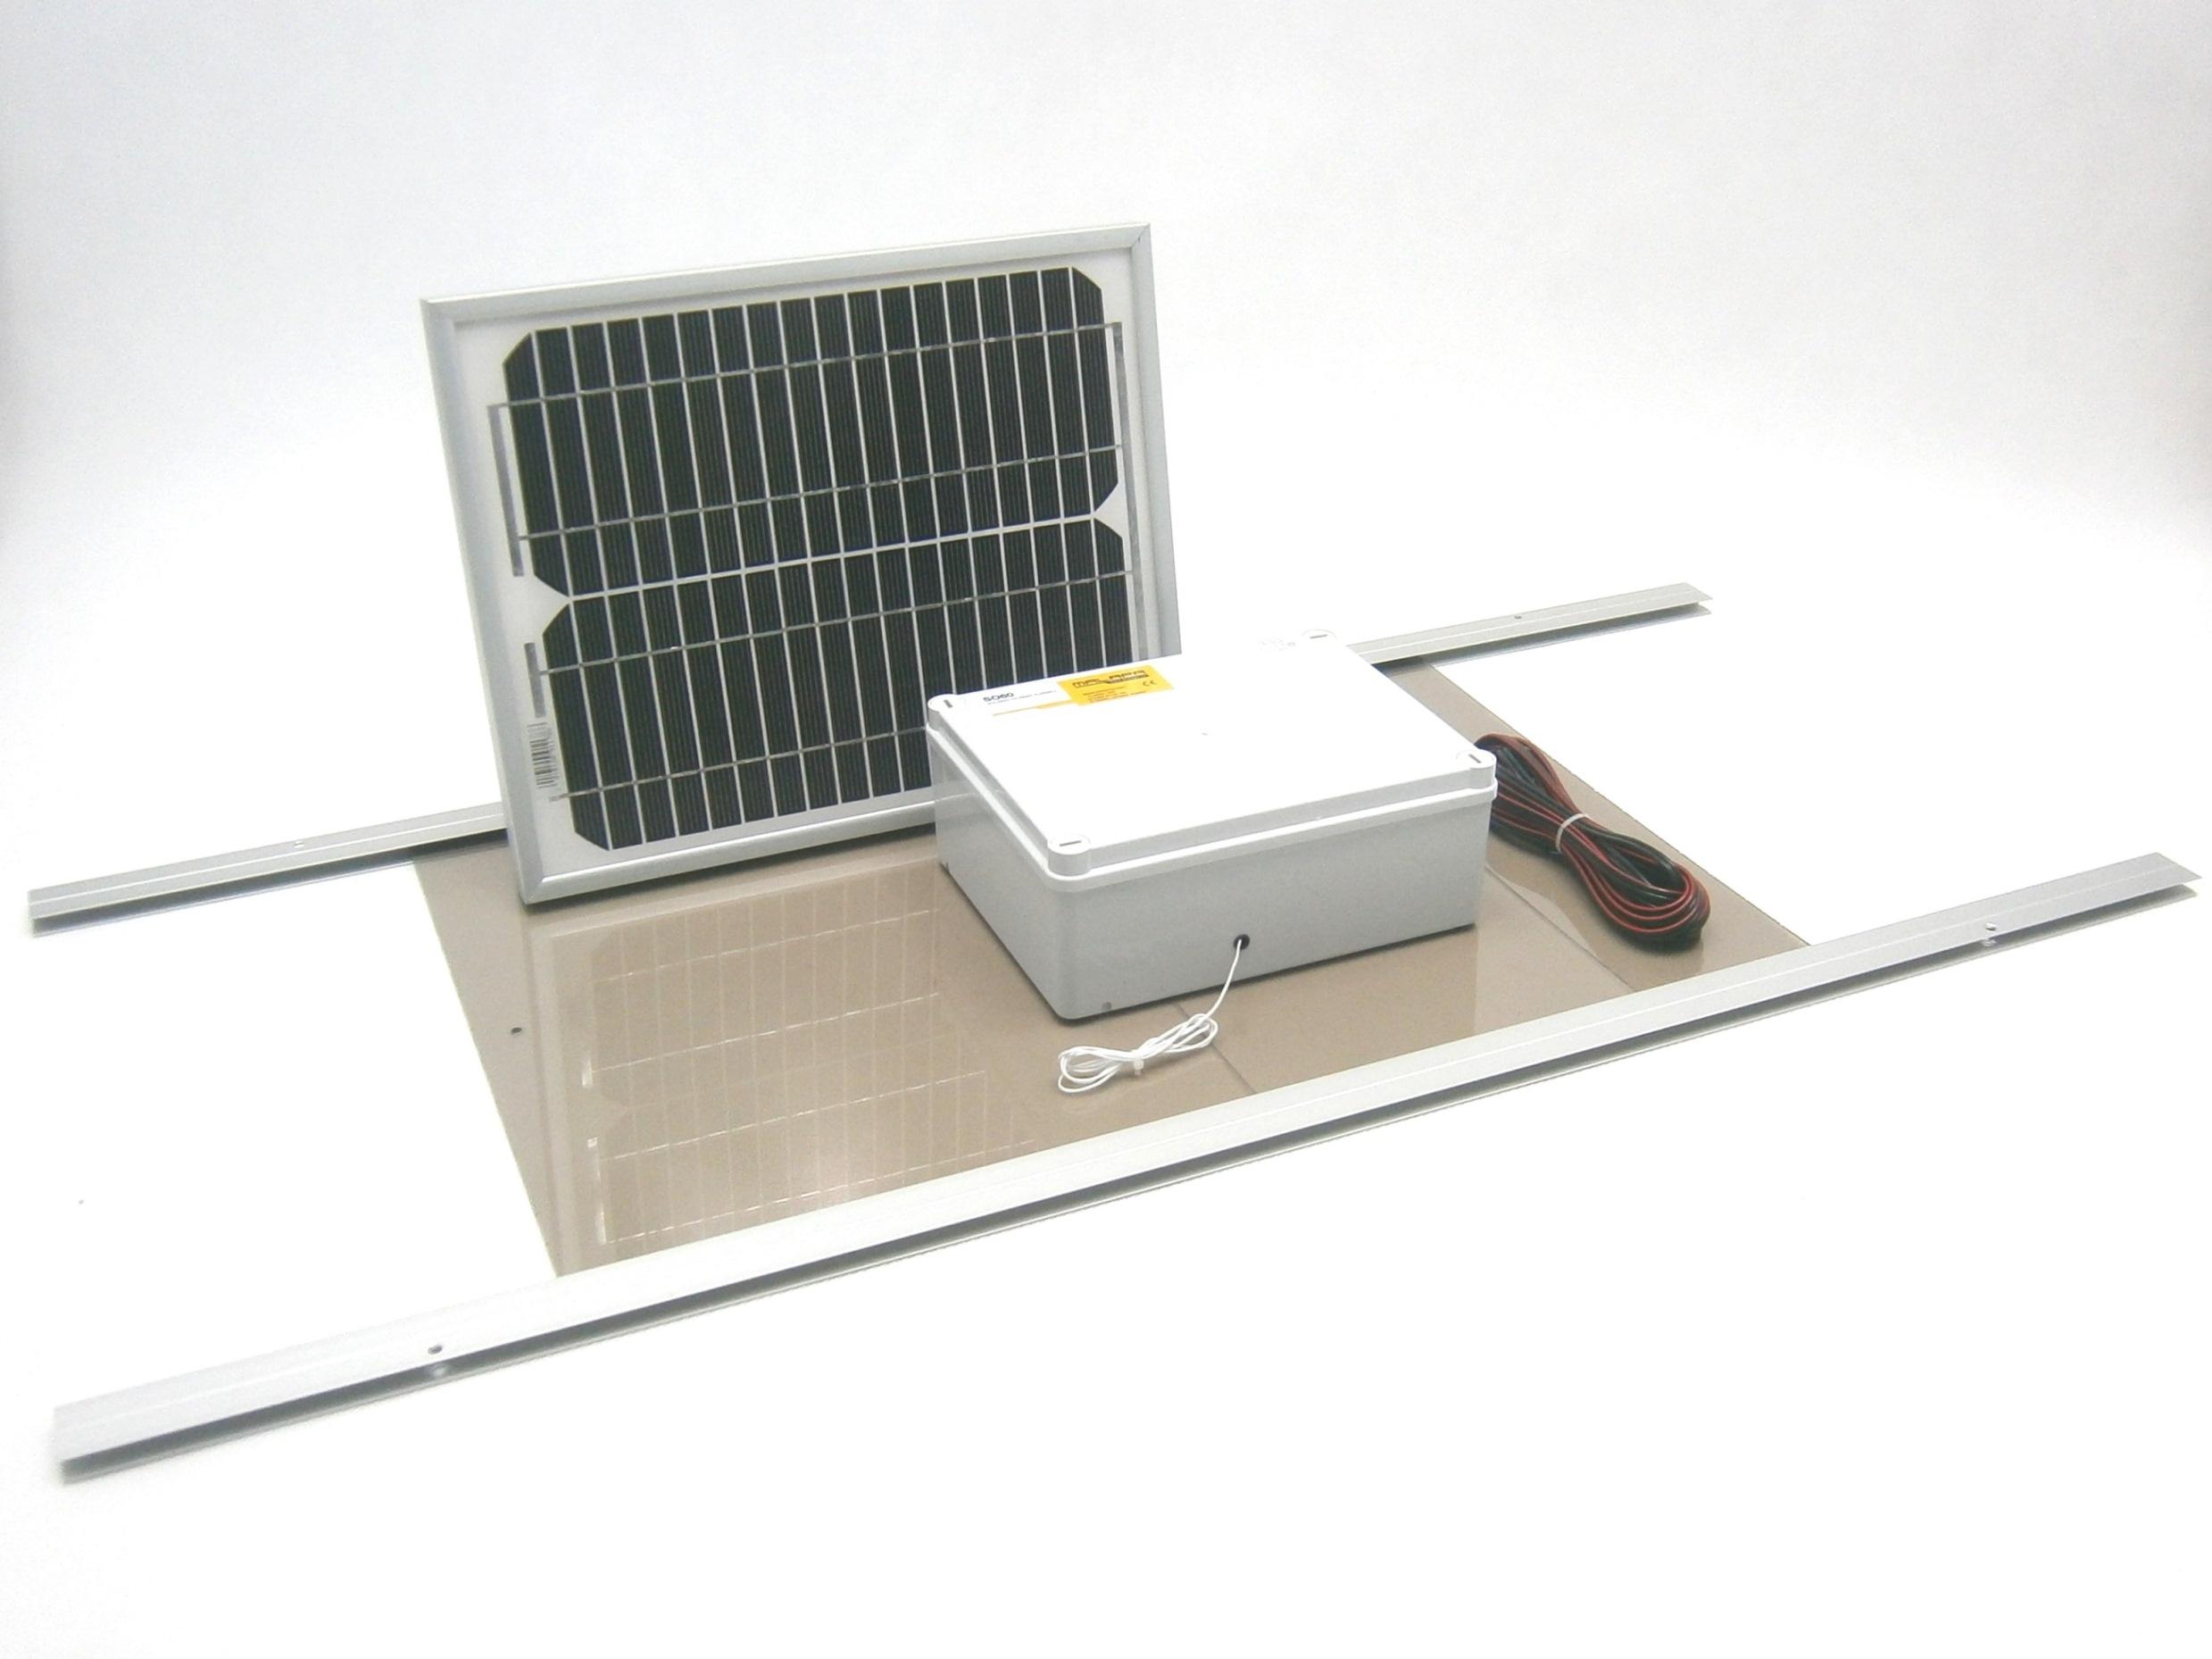 Automatické solární otevírání a zavírání kurníku SO60 12V solární panel 10W včetně dvířek